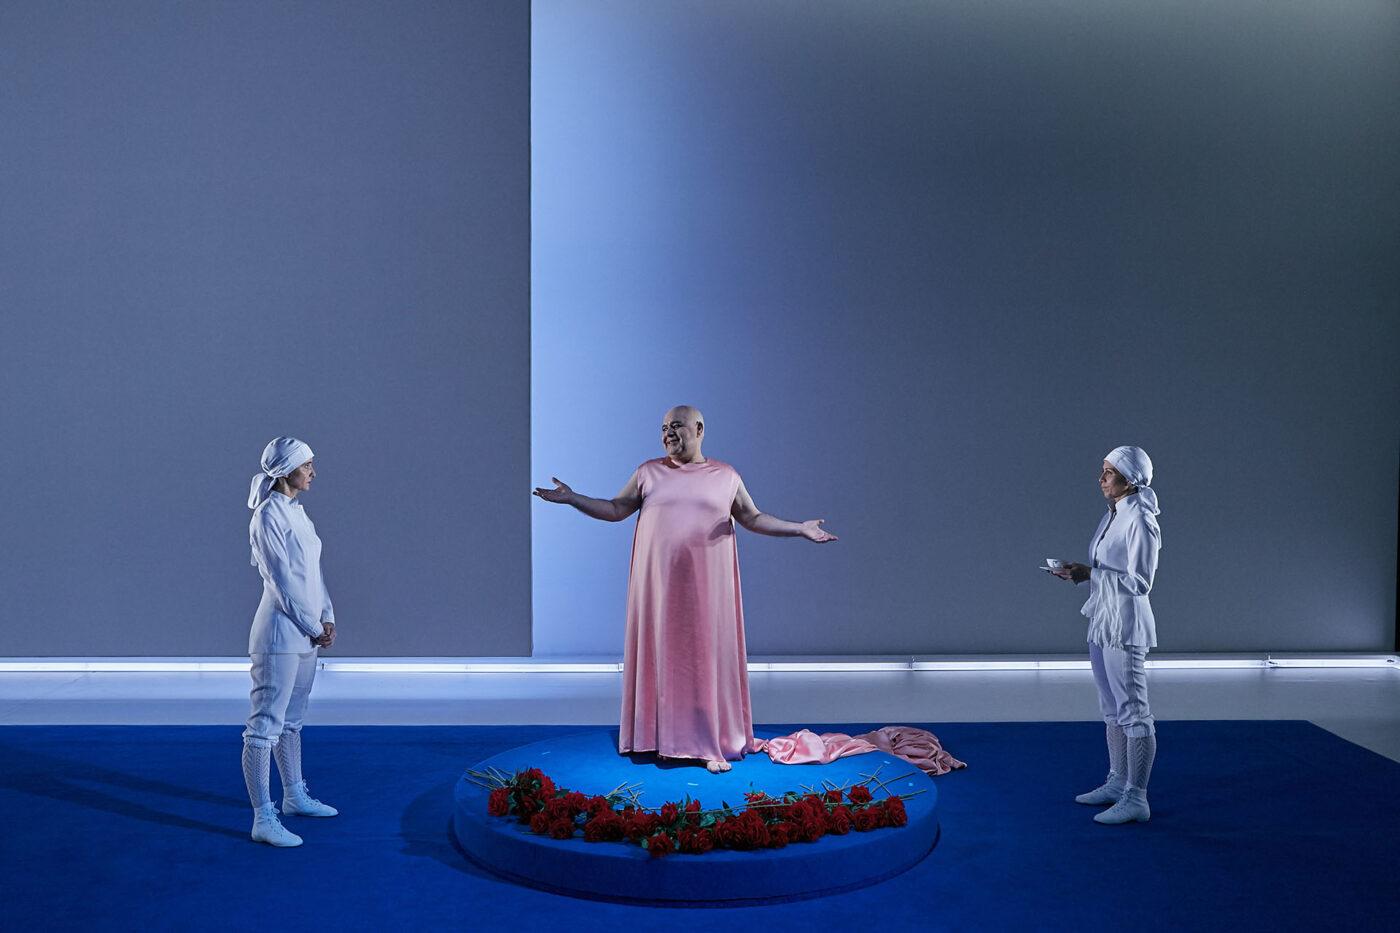 Las Criadas, obra de teatro de JEAN GENET con Ana Torrent, Alicia Borrachero y Jorge Calvo